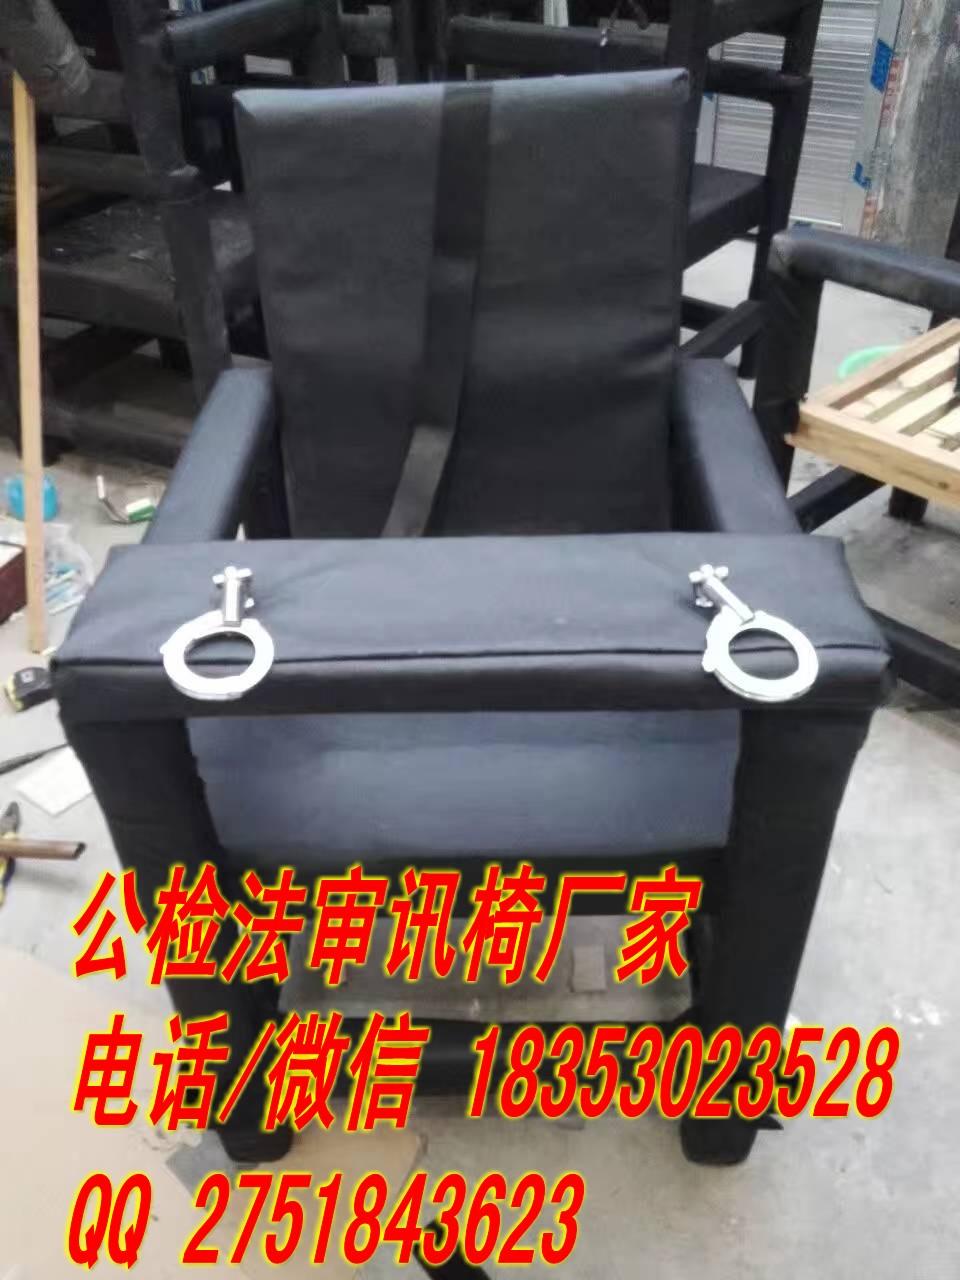 尖盾警用蓝色碳钢审讯椅/碳钢审讯椅